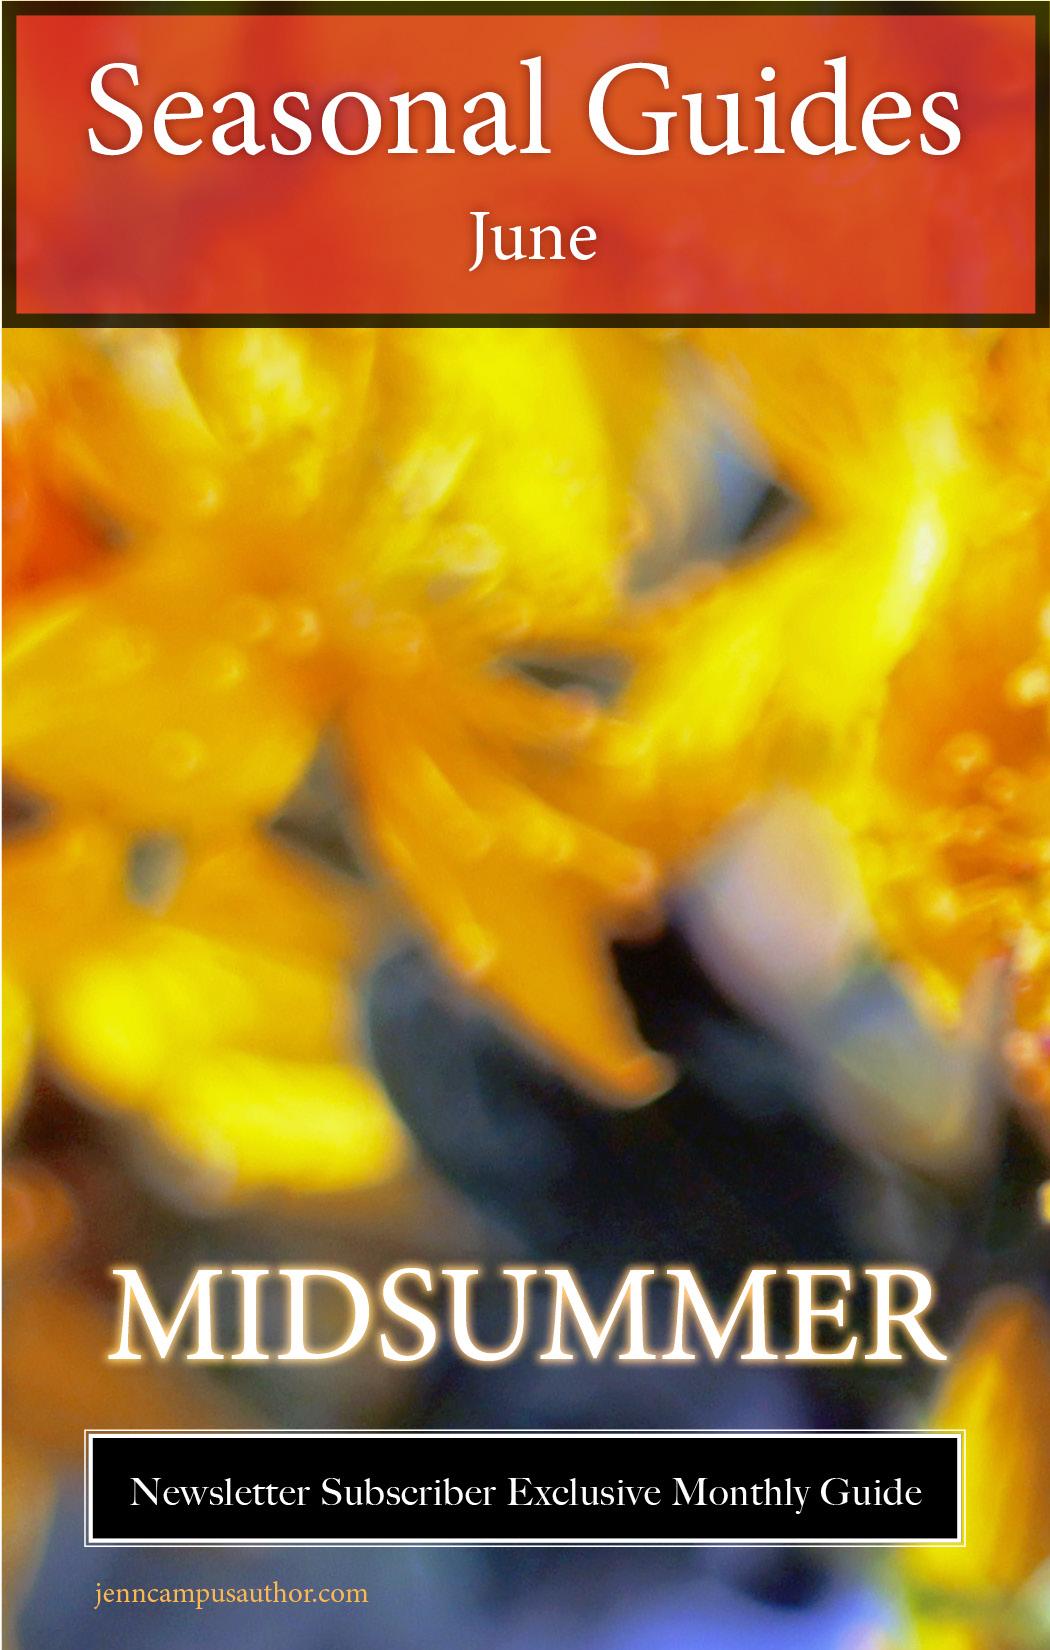 Seasonal Guide for June - Midsummer